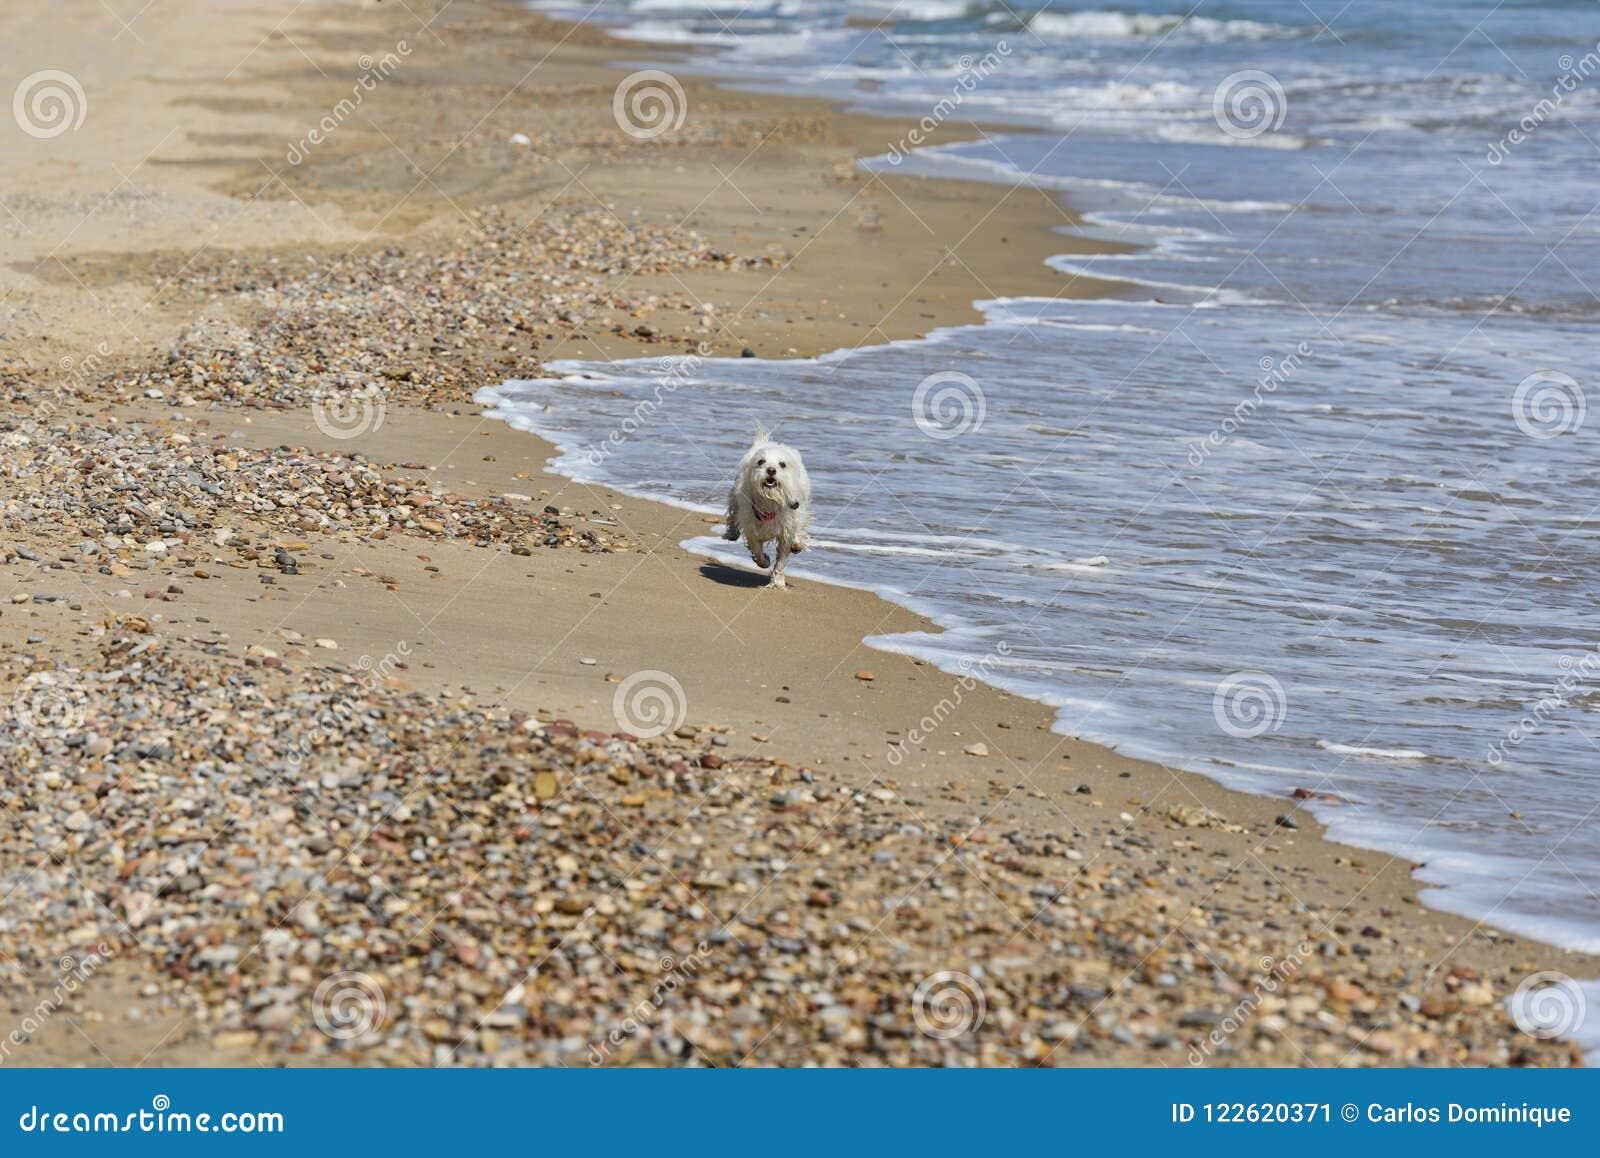 Dog maltesse bichon running in beach